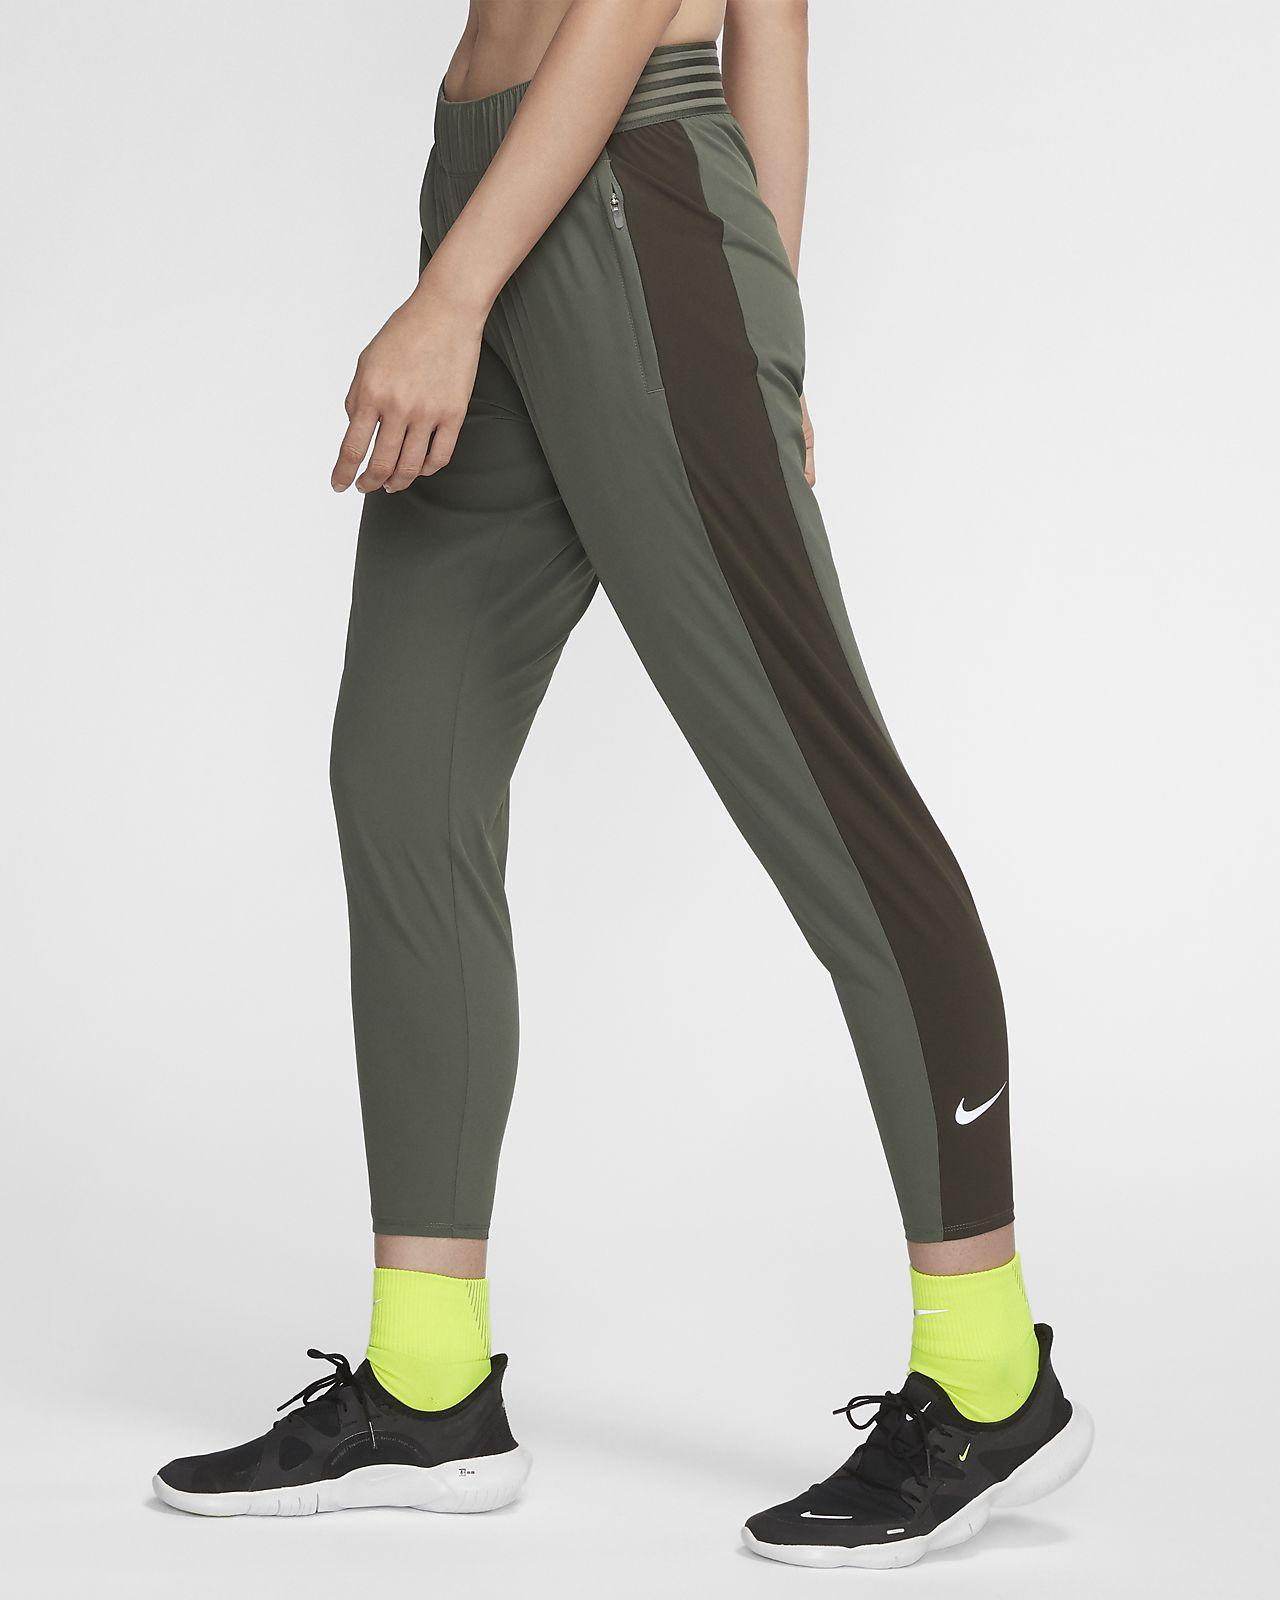 Nike Essential 7/8 女子跑步长裤